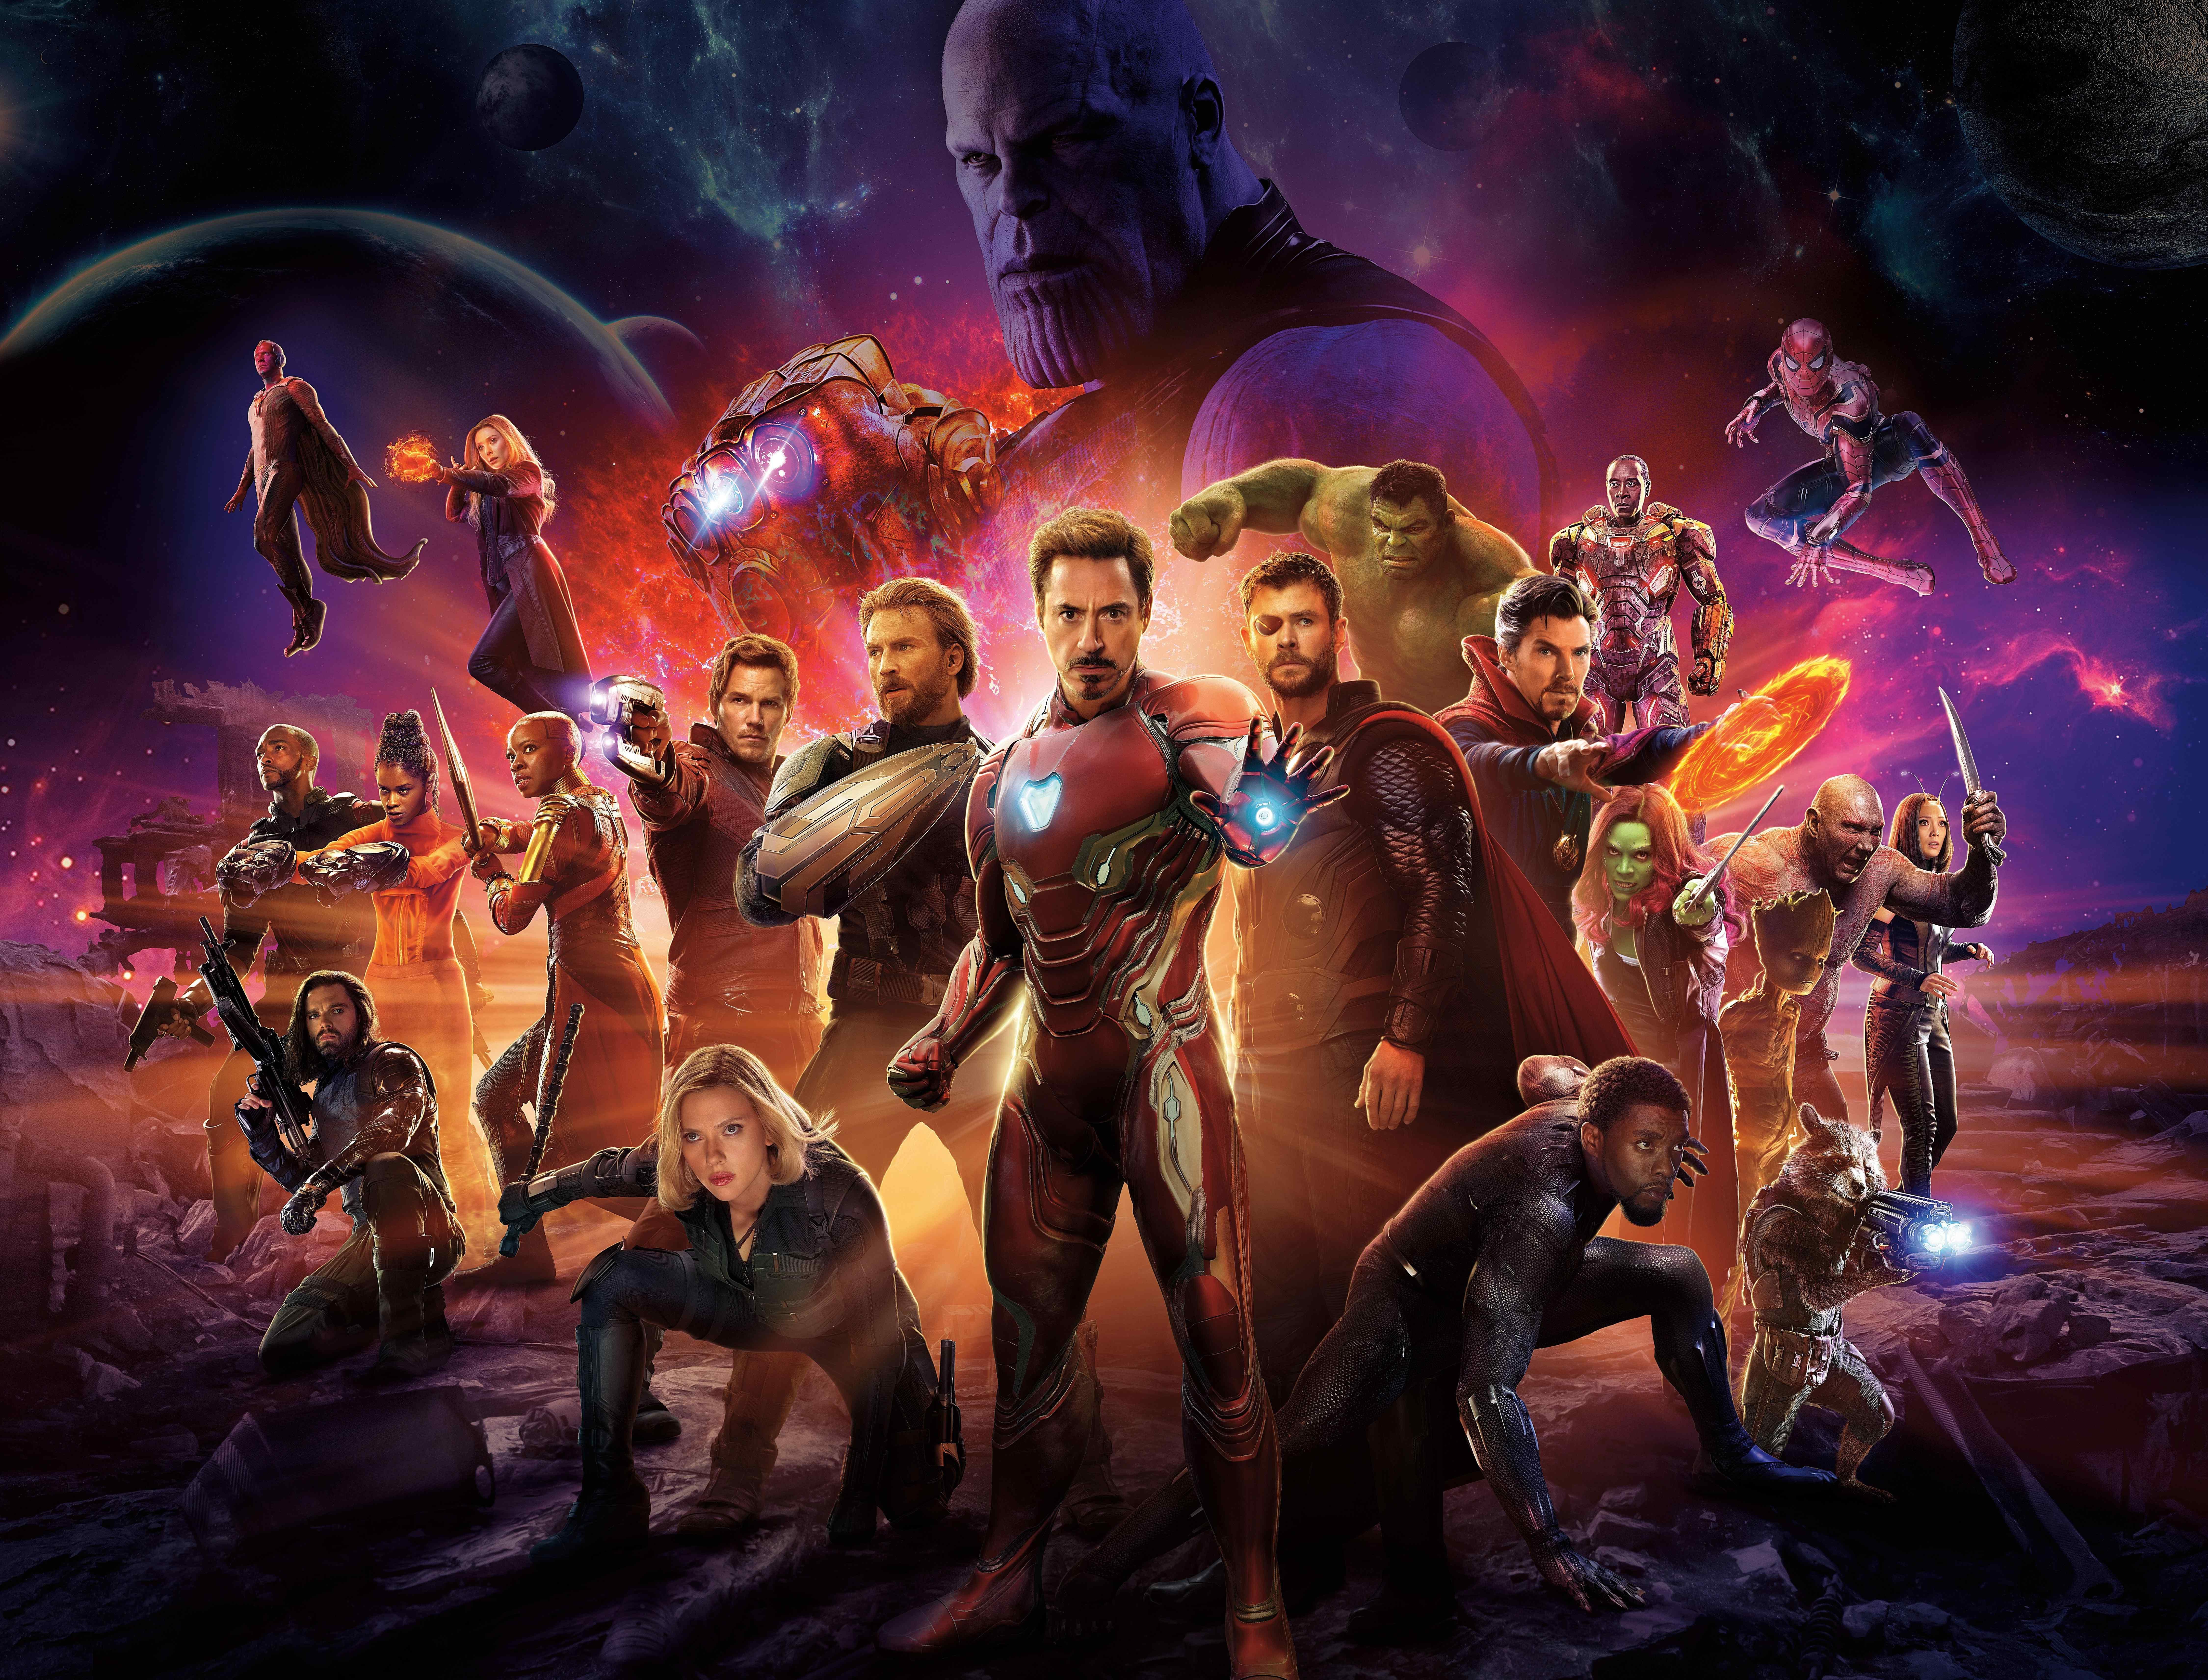 《复仇者联盟3:无限战争》钢铁侠领衔版桌面壁纸